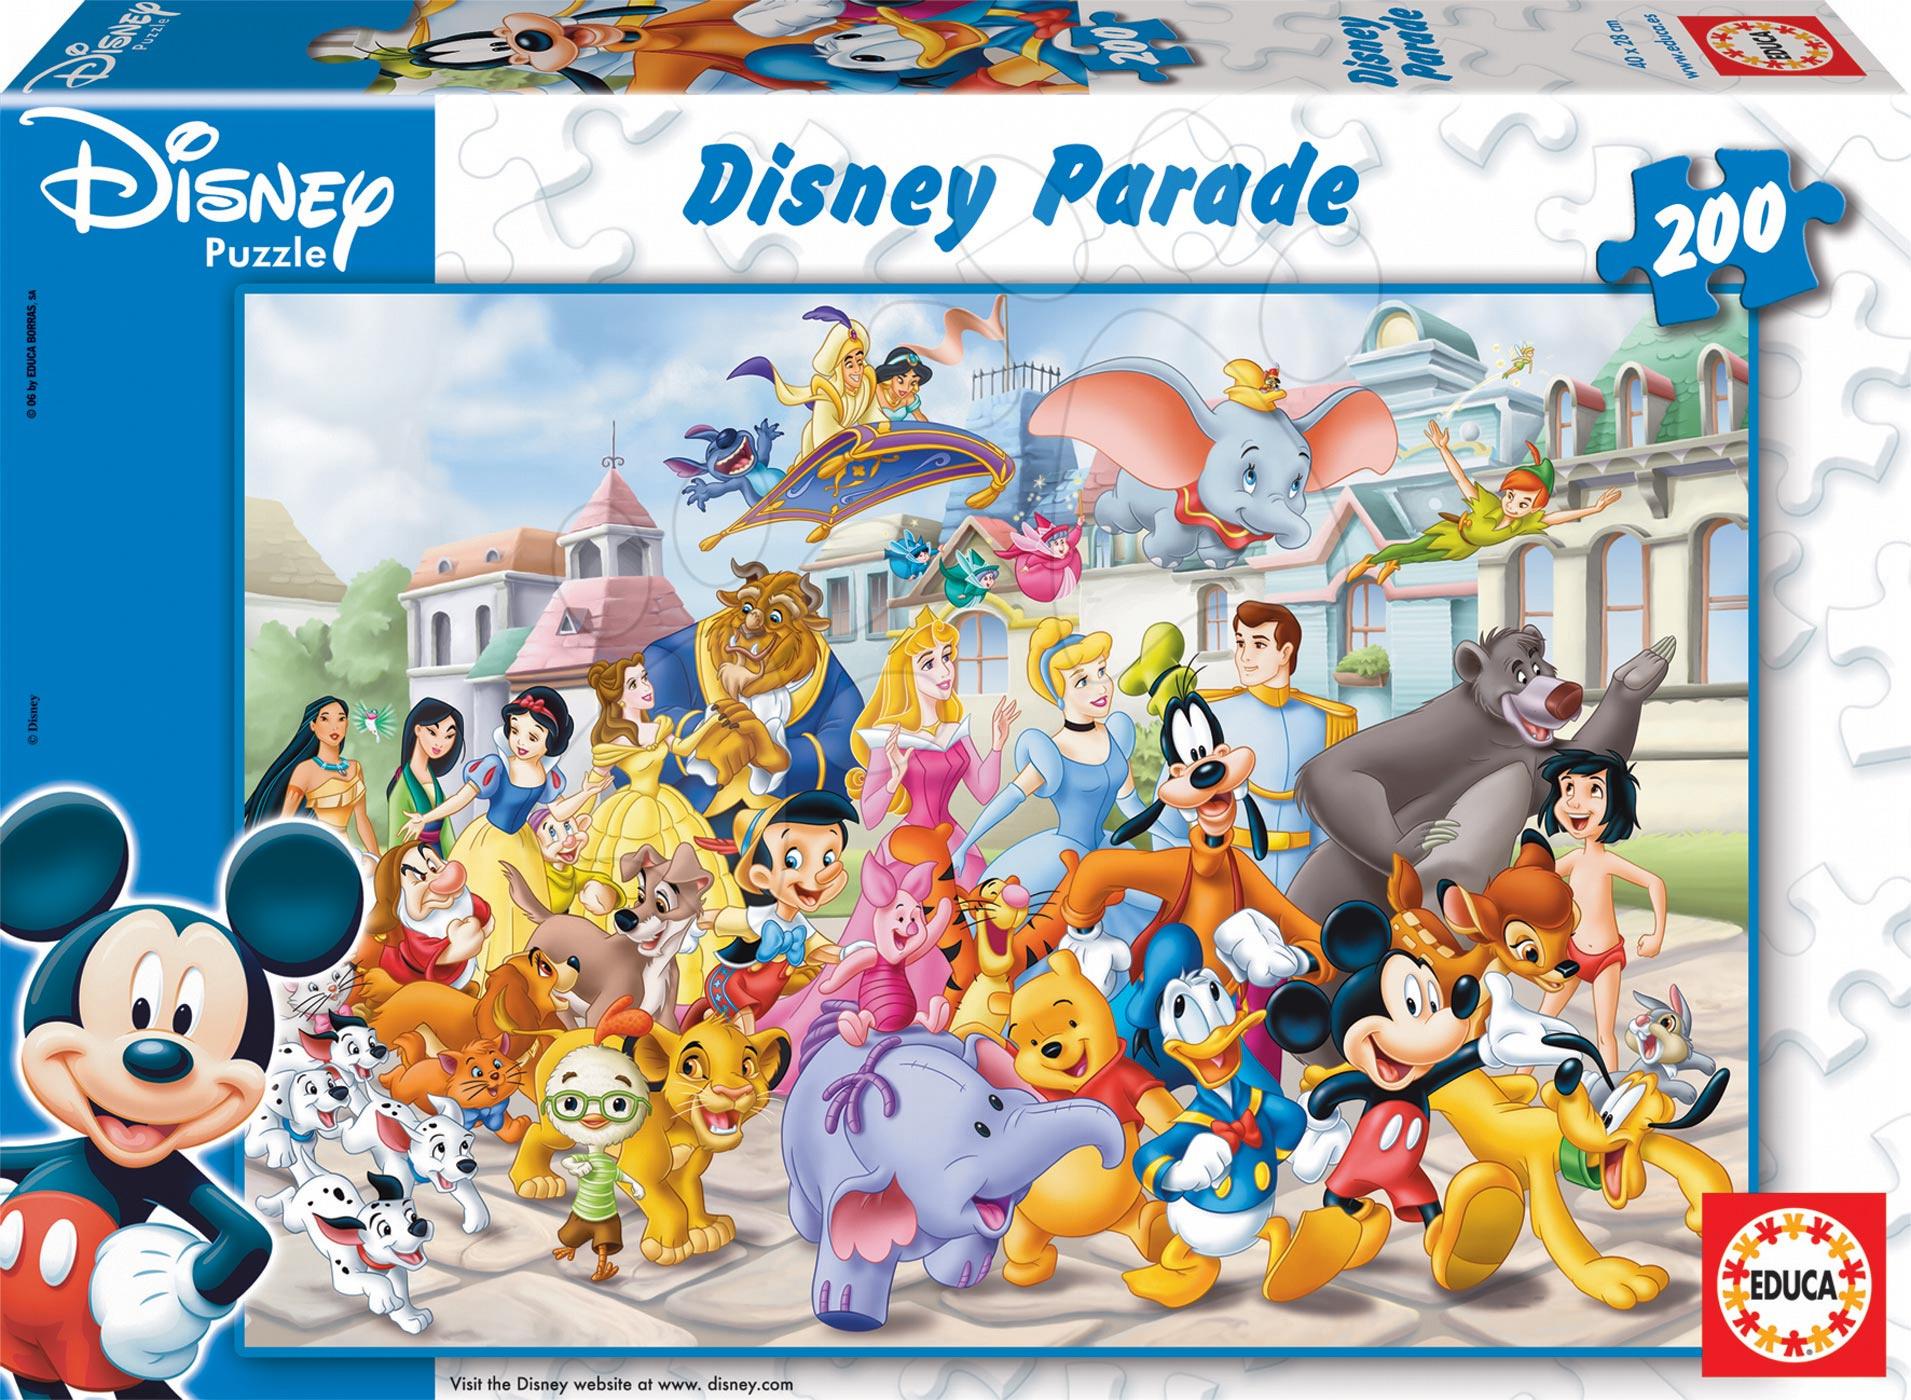 Dětské puzzle od 100–300 dílků - Puzzle Disney Průvod Educa 200 dílů od 6 let